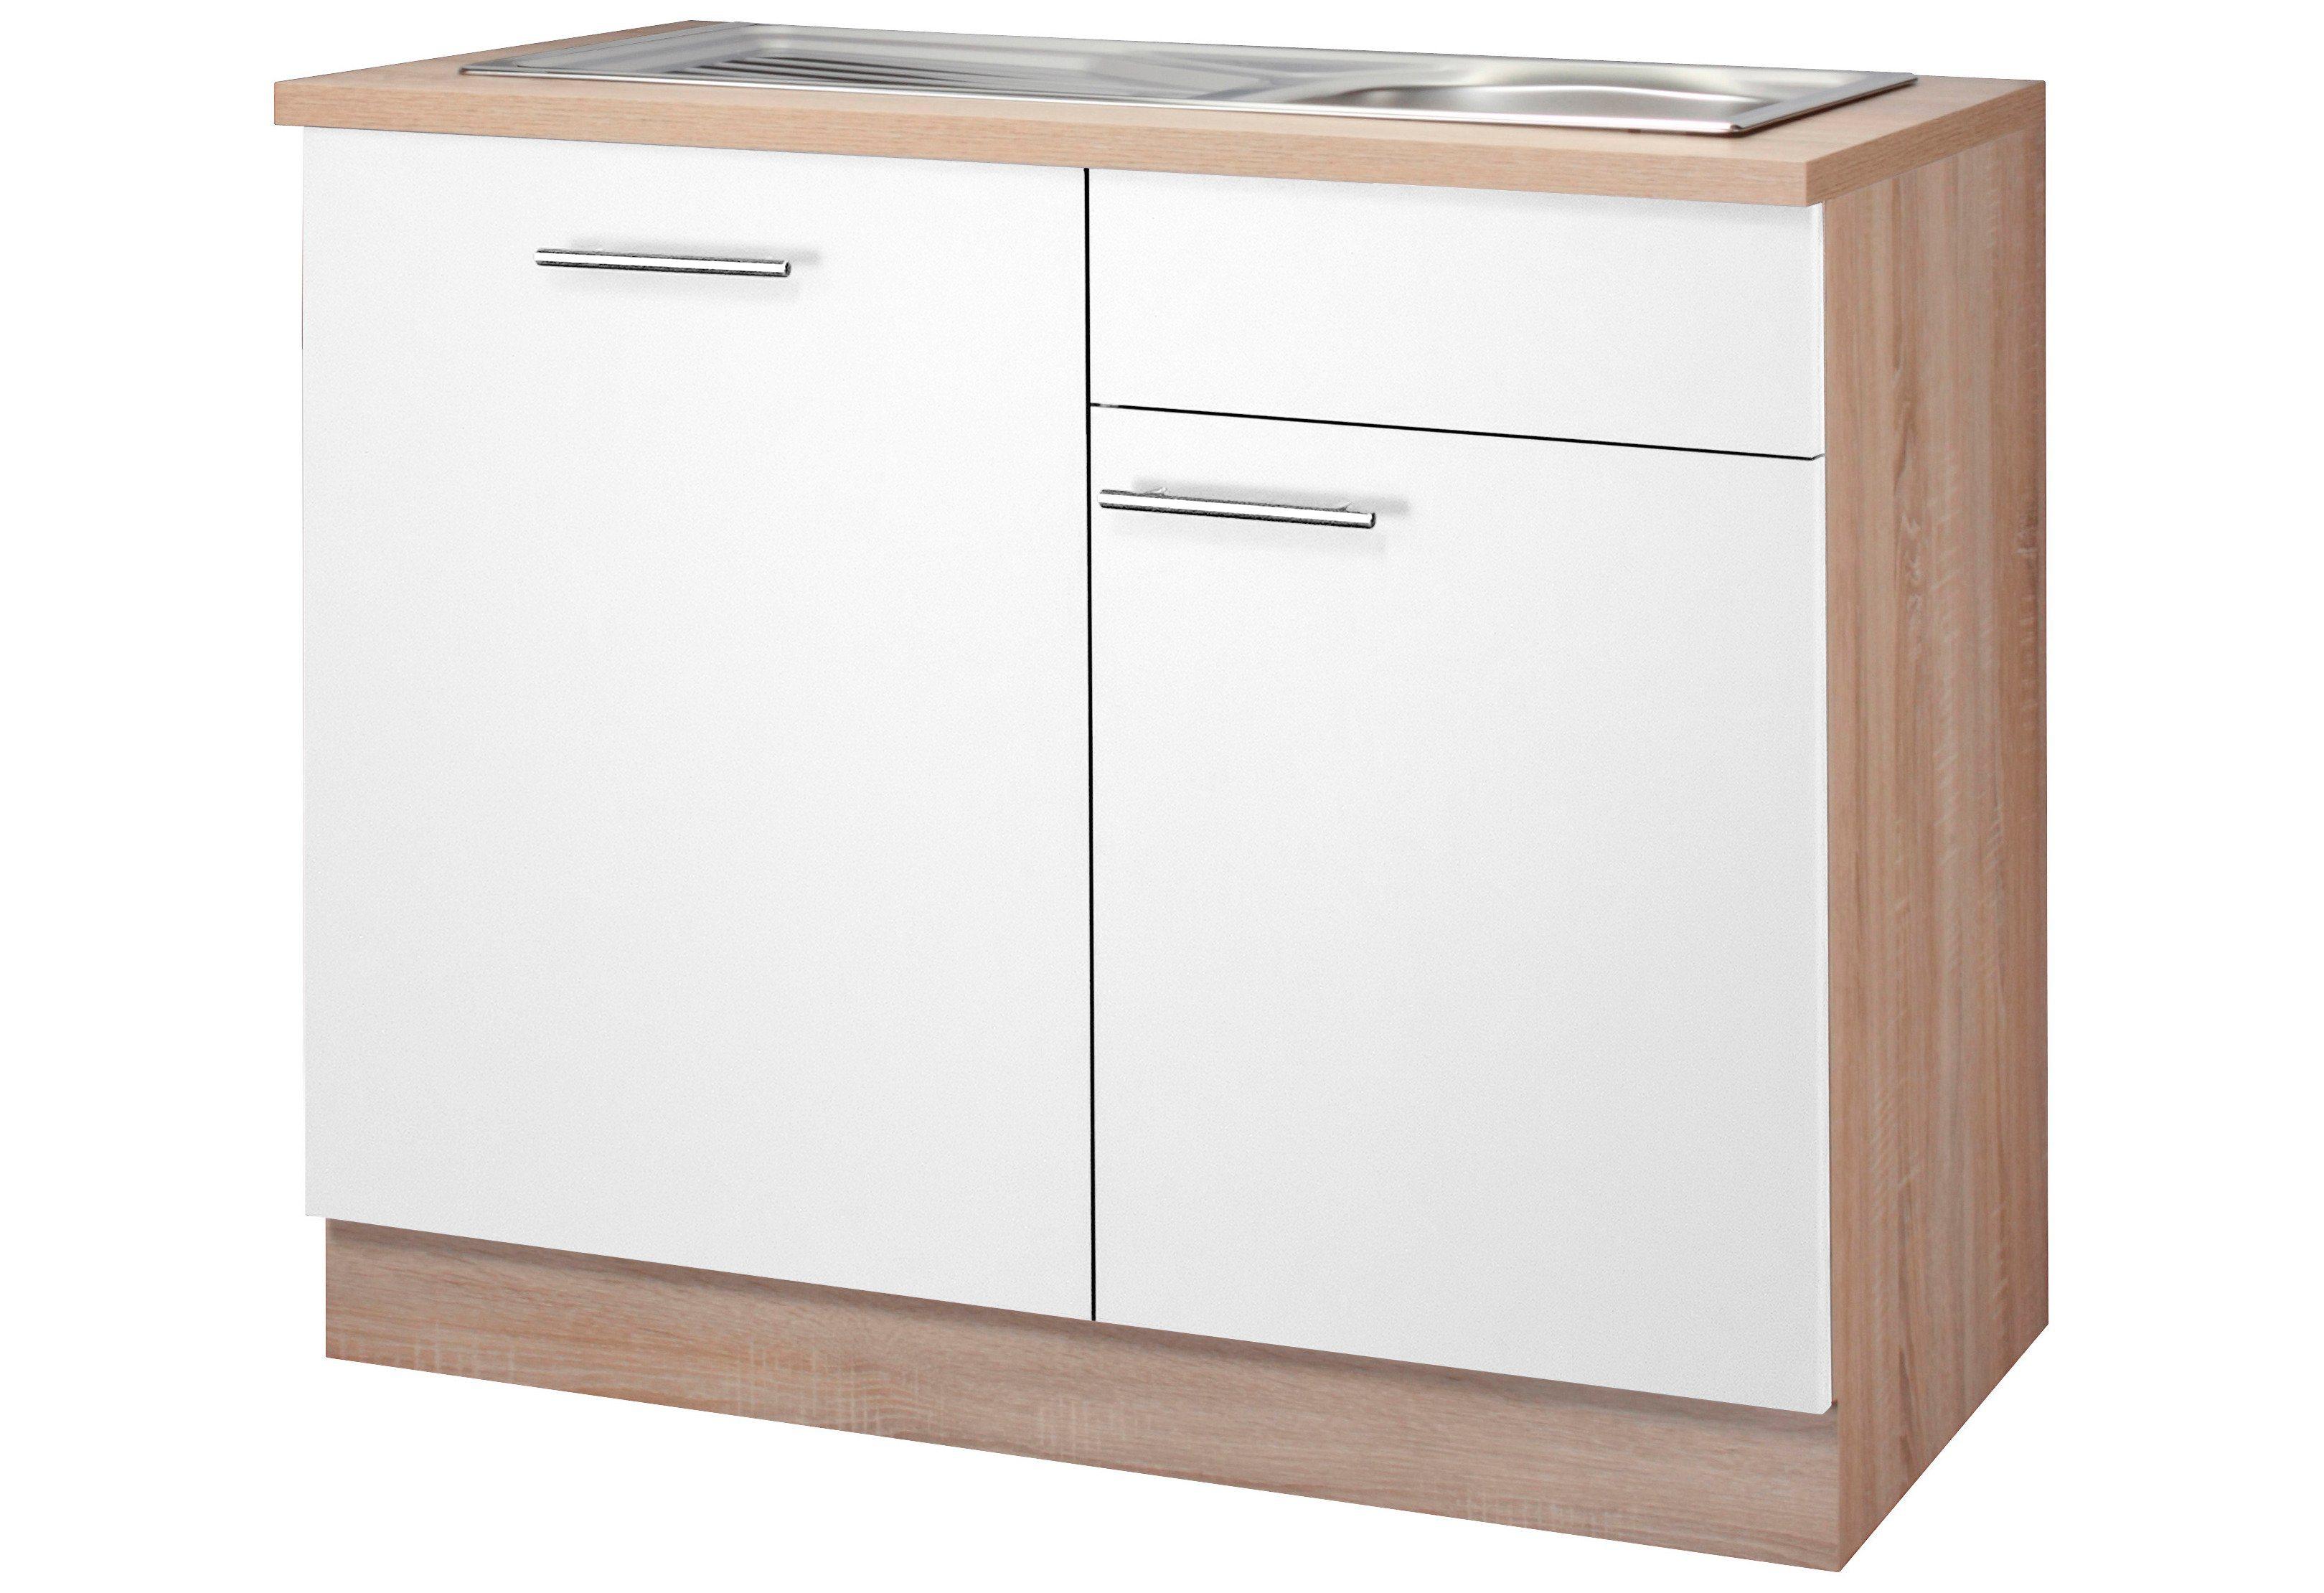 Wiho Küchen Spülenschrank »Montana, Breite 110 cm « | Küche und Esszimmer > Küchenschränke > Spülenschränke | Anthrazit - Bordeaux - Weiß | Spanplatte | wiho Küchen